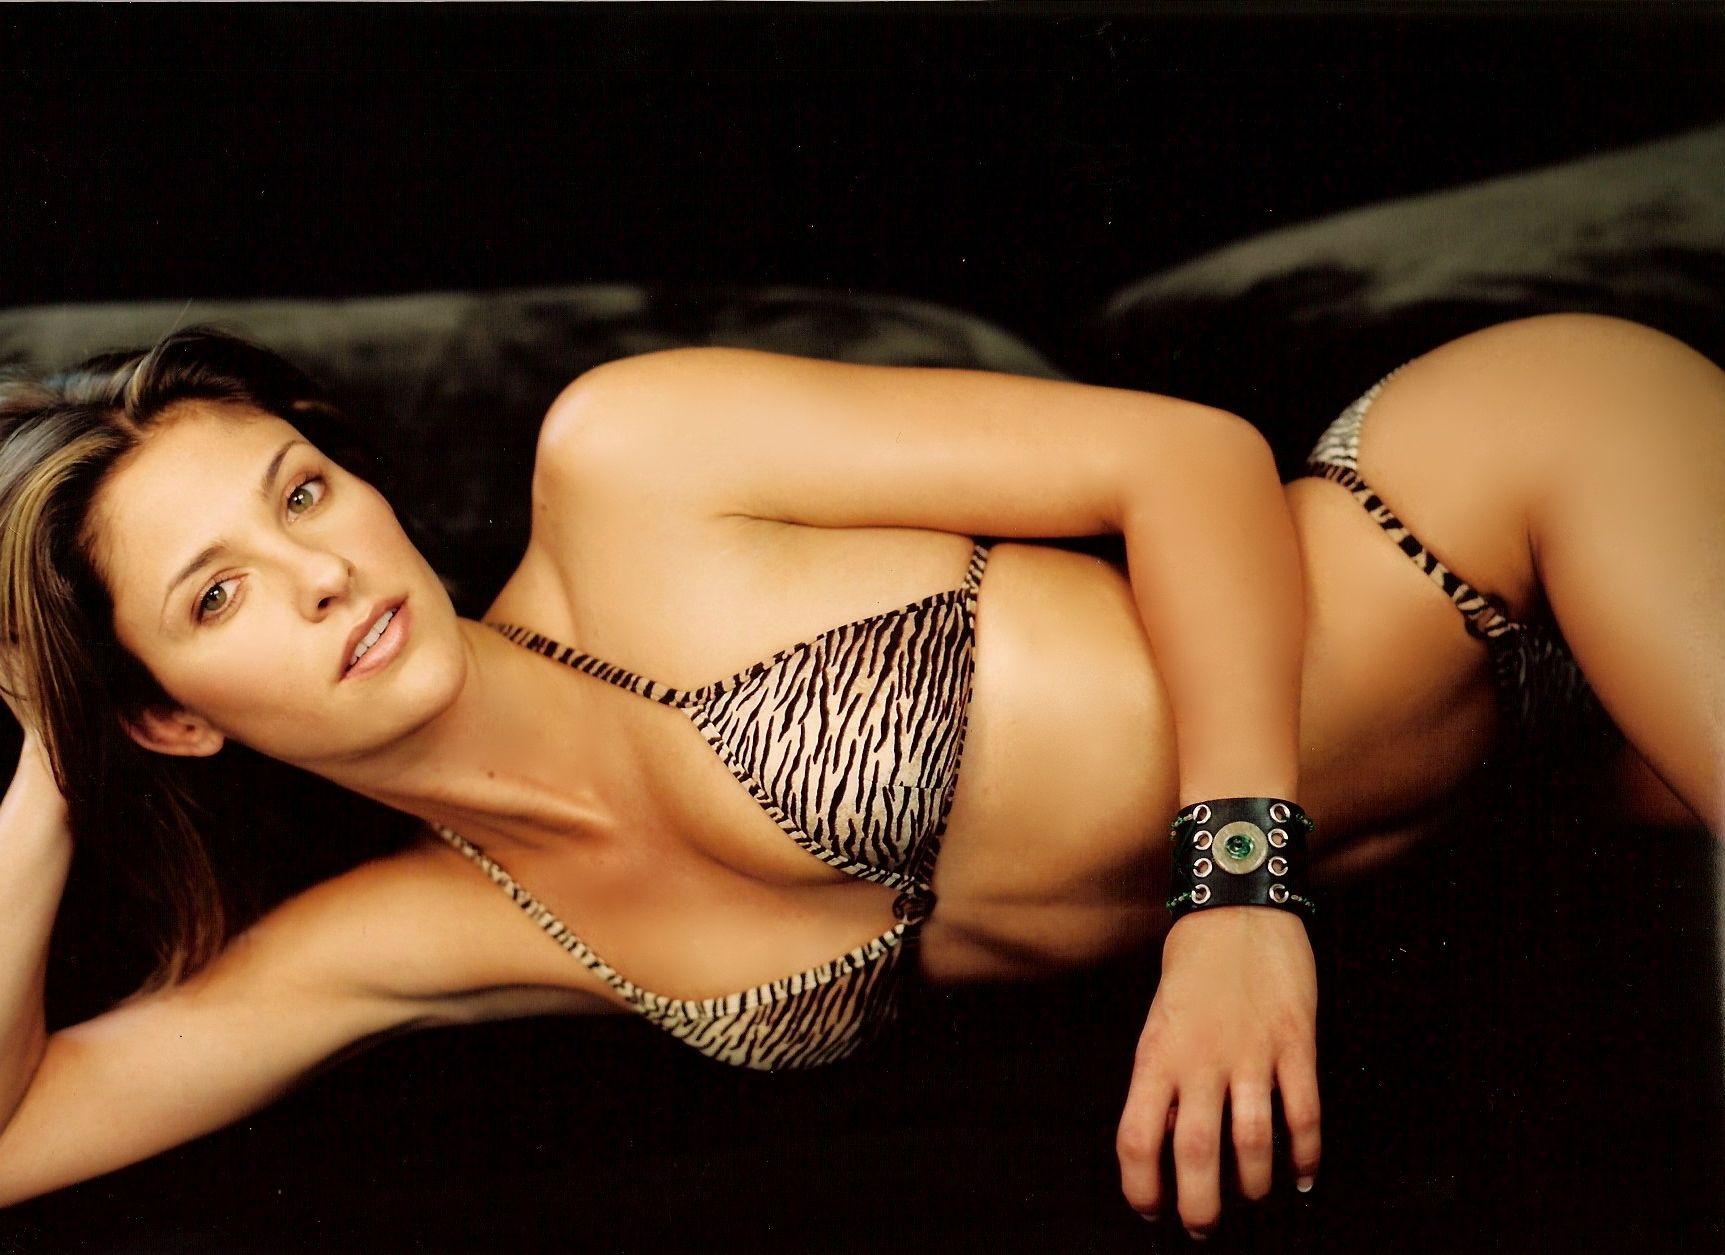 Jill wagner nude blade celebrity